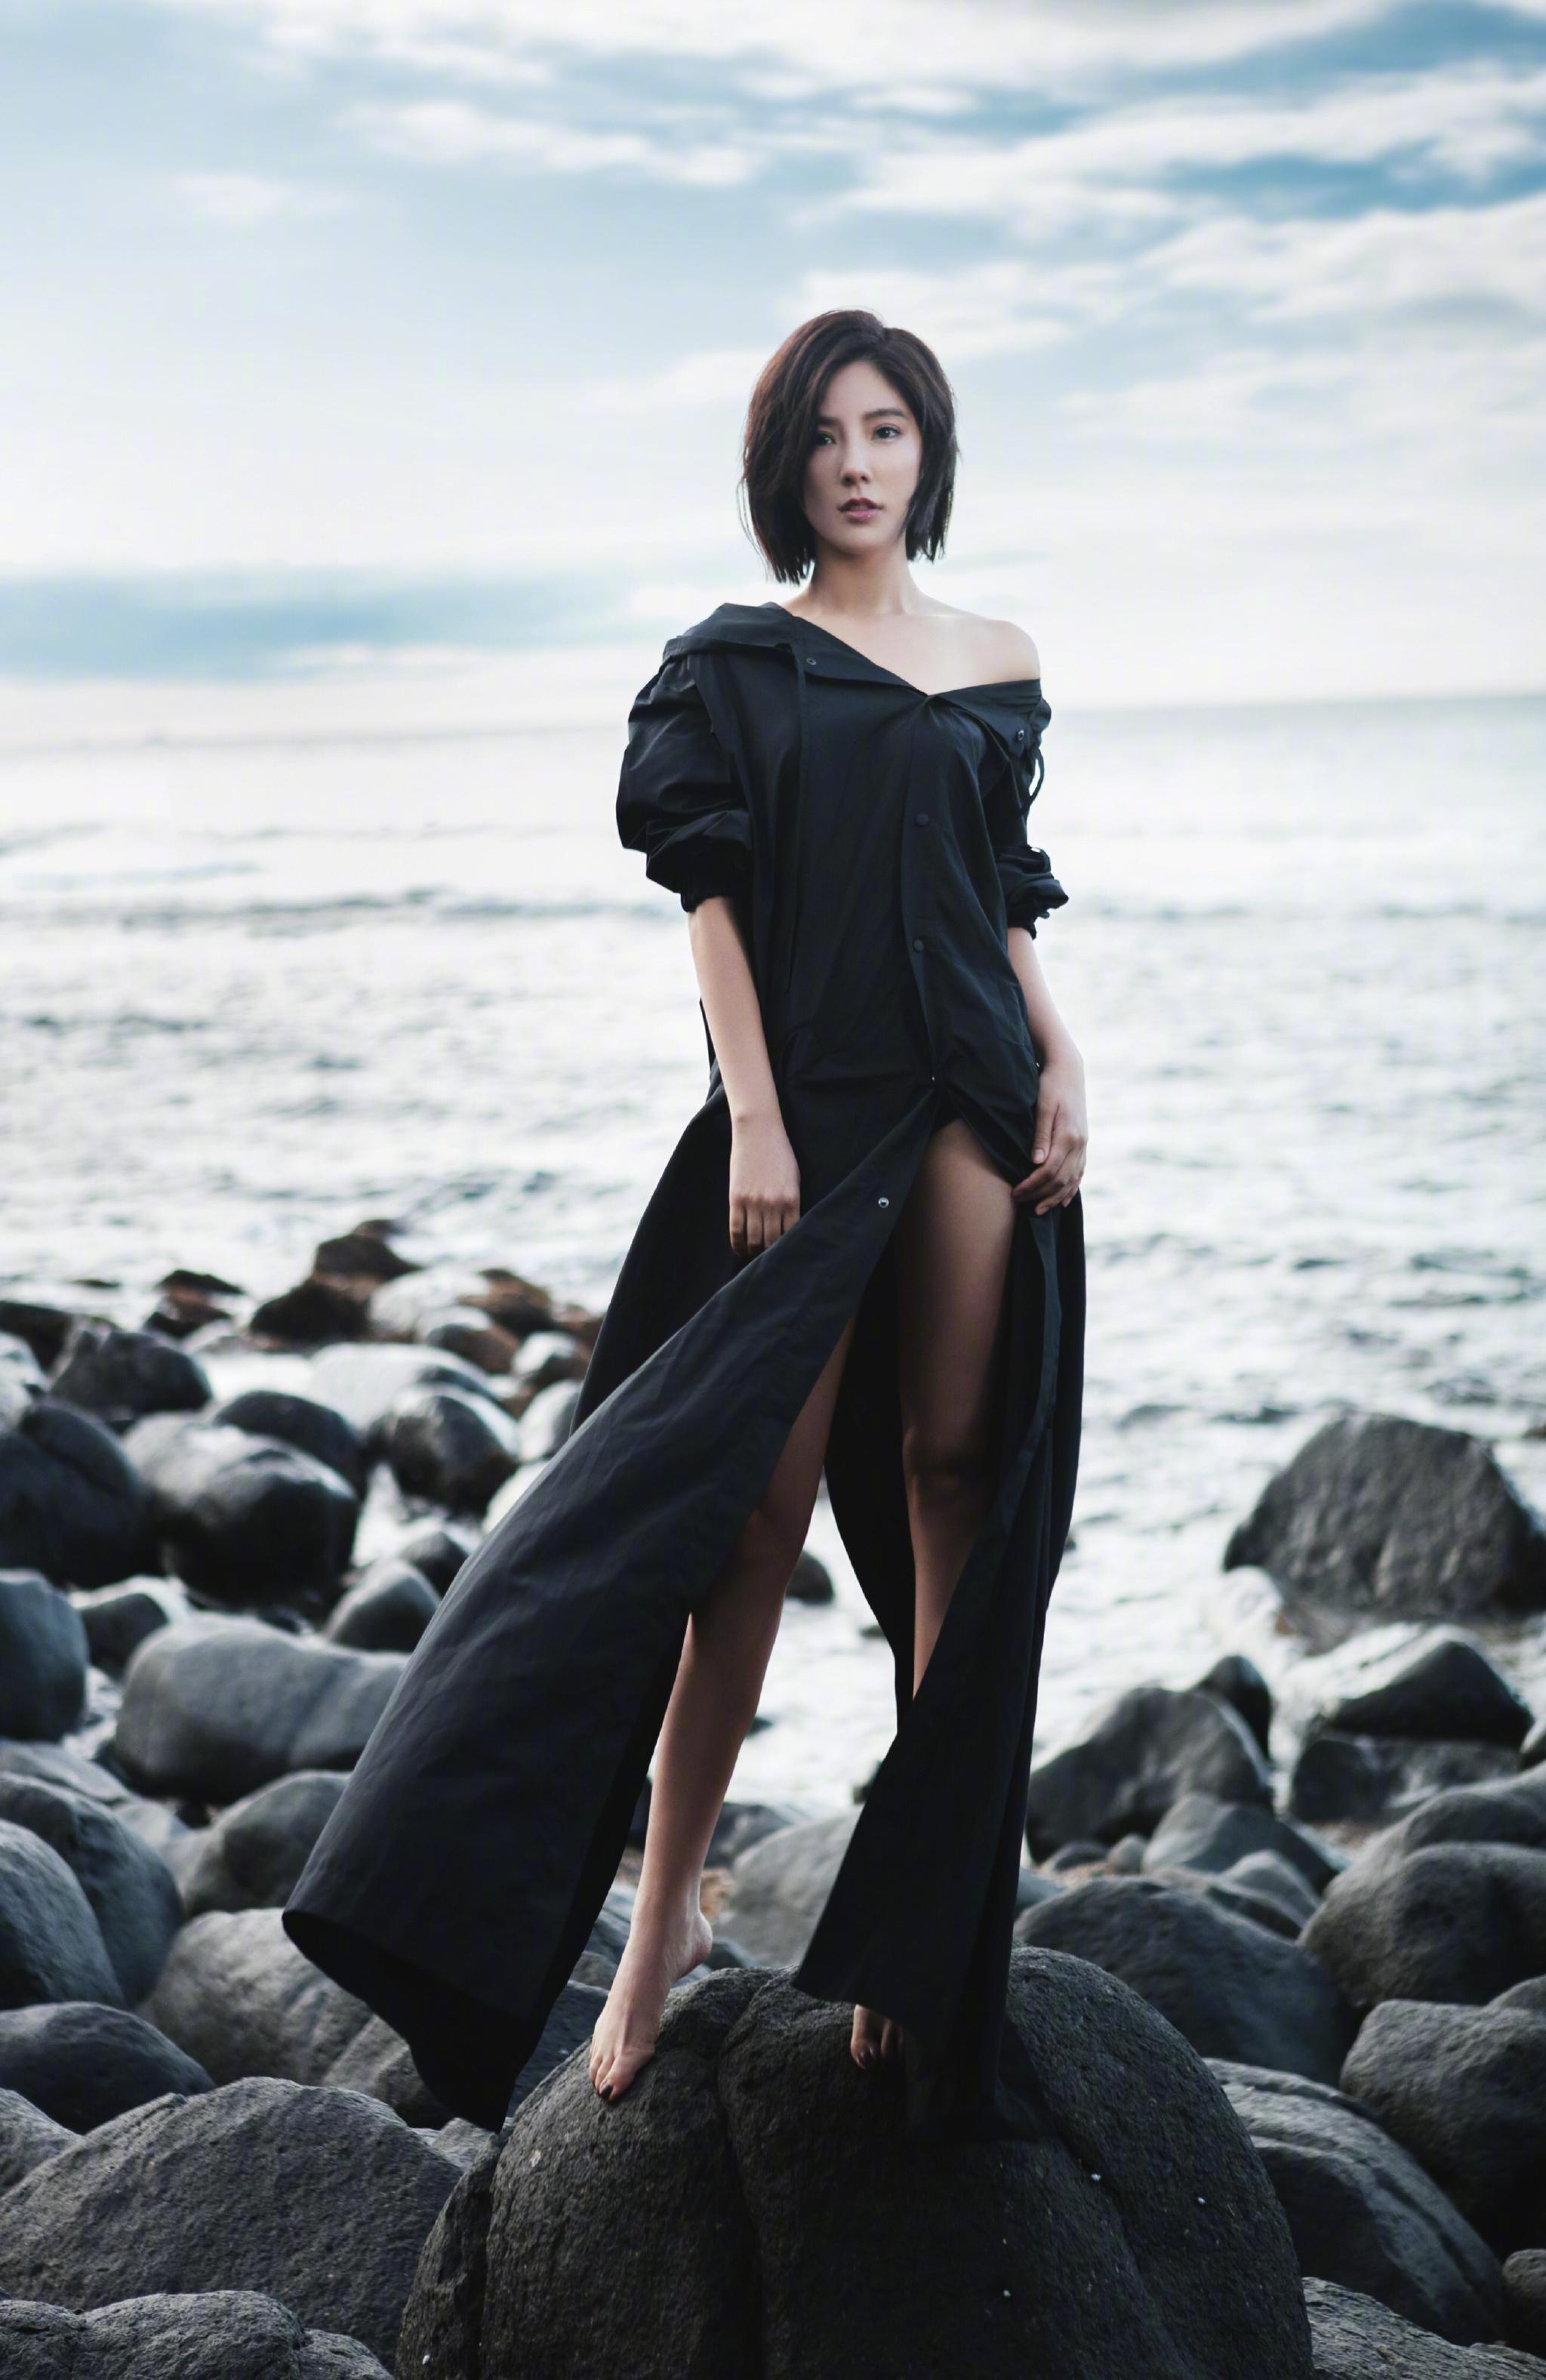 赵奕欢穿前后开叉的长裙,也敢在海边吹风,网友:不走光算你厉害